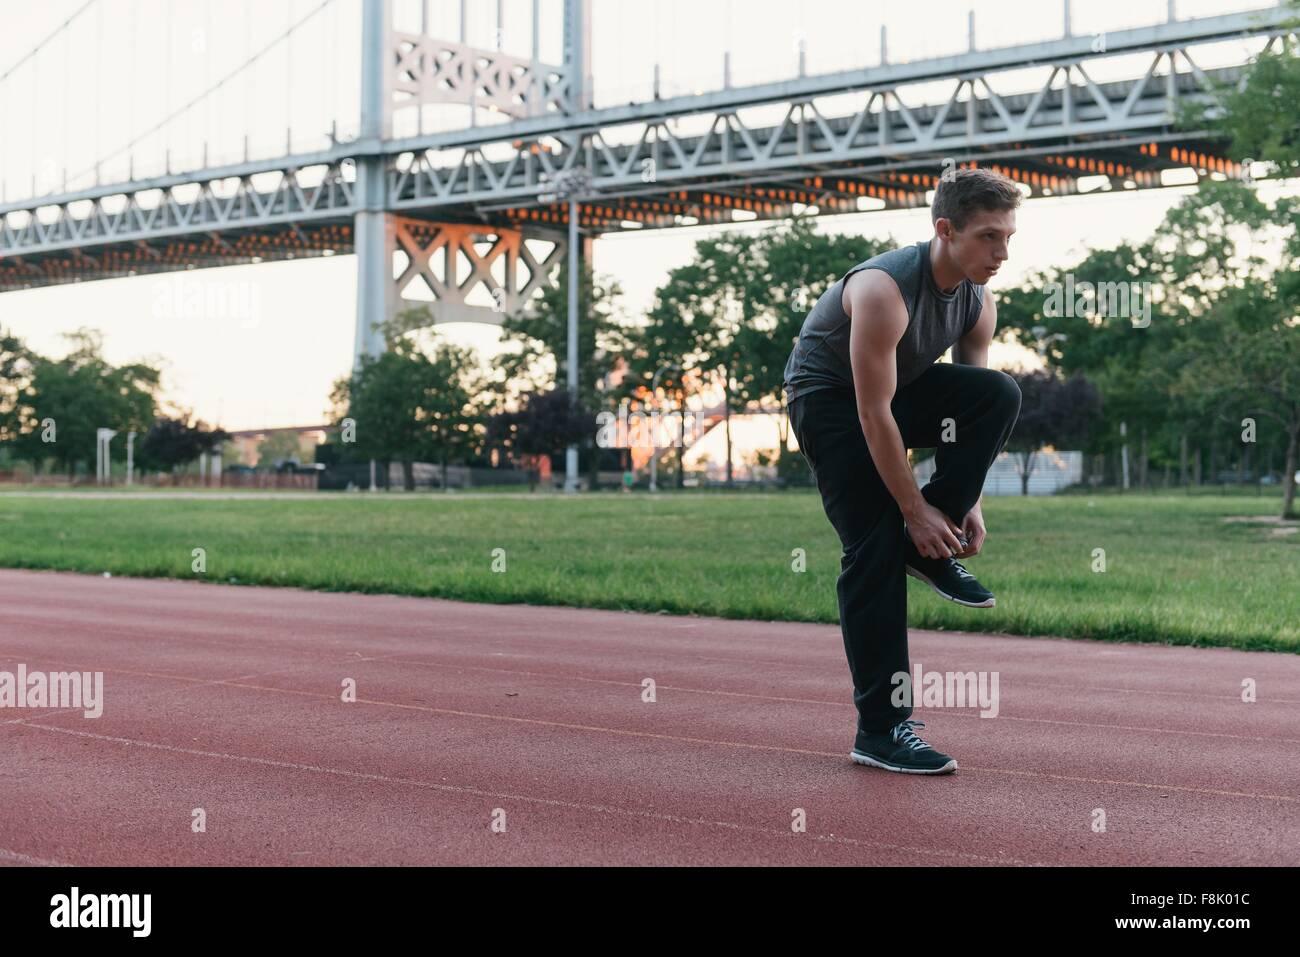 Joven parado en pista de deporte, atado encajes de zapata Imagen De Stock